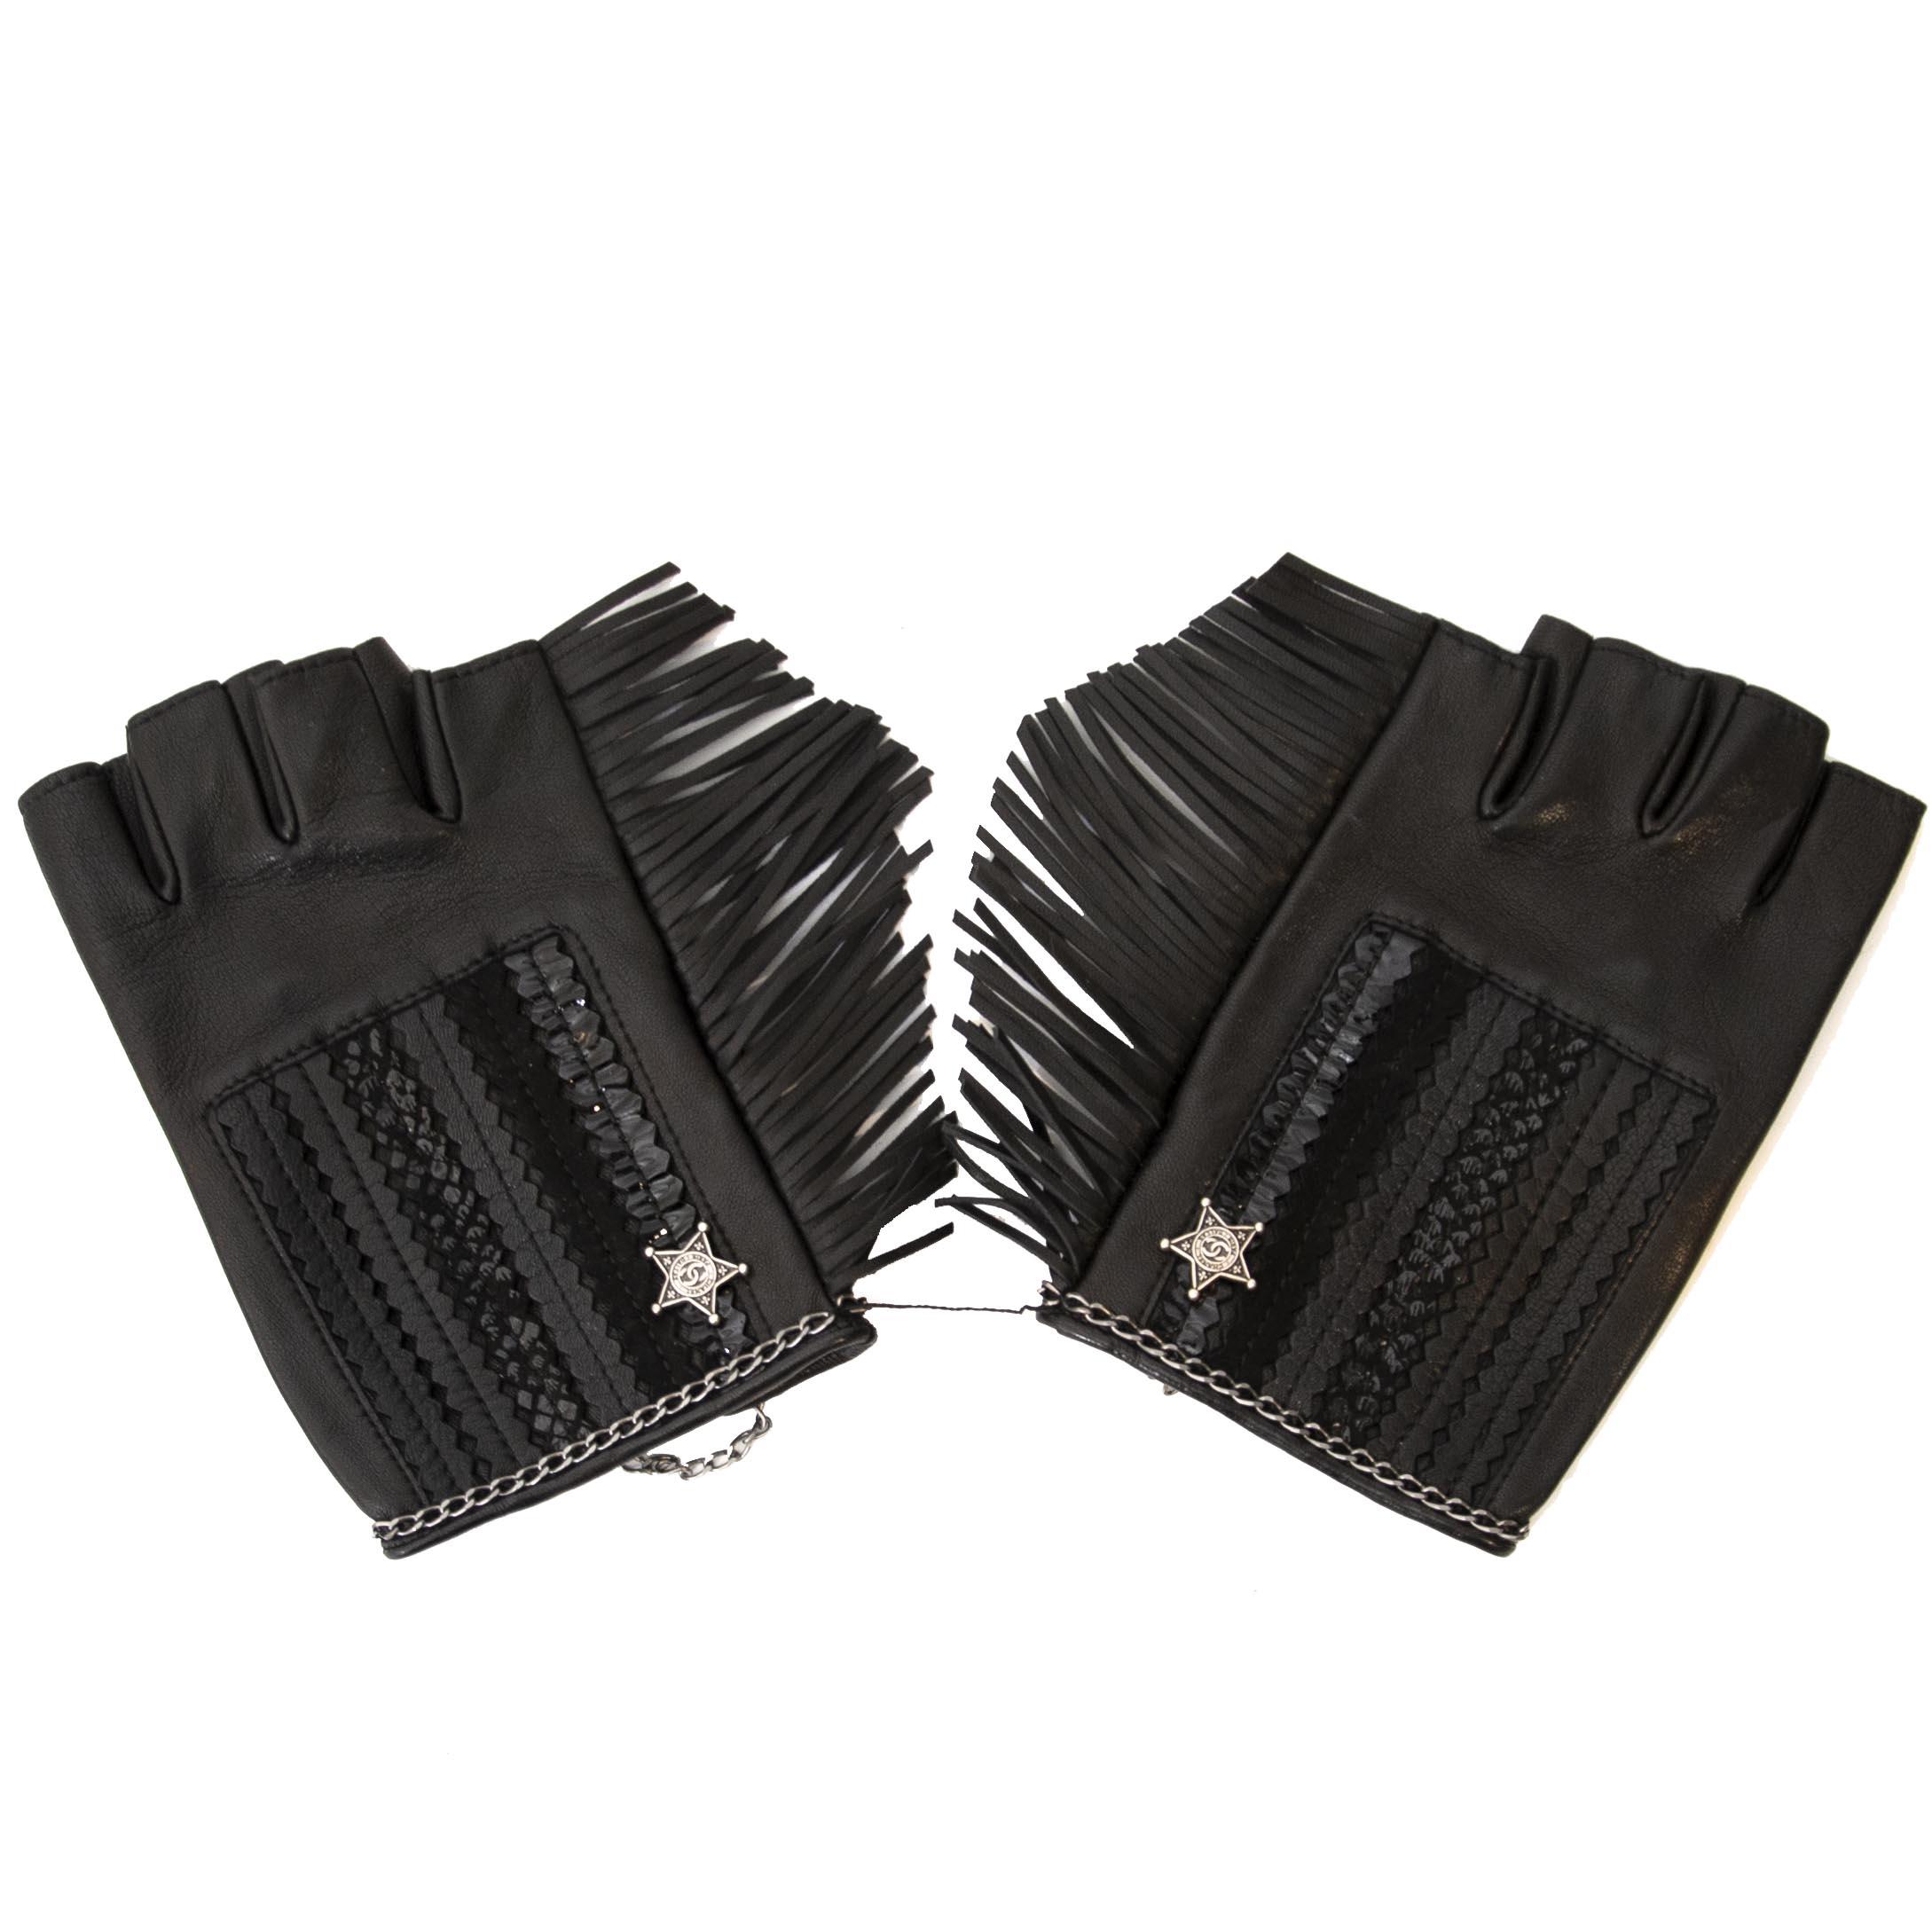 Koop tweedehands Chanel handschoenen online bij LabelLOV, shop veilig online.